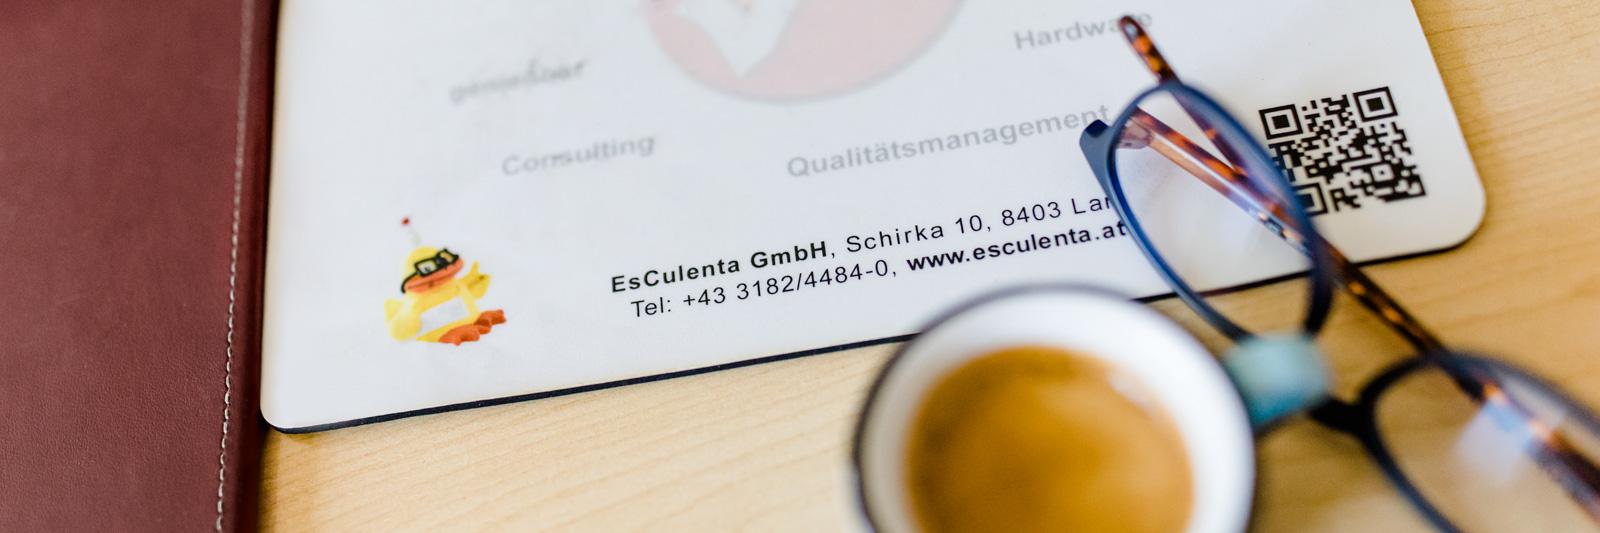 KB Esculenta20 006